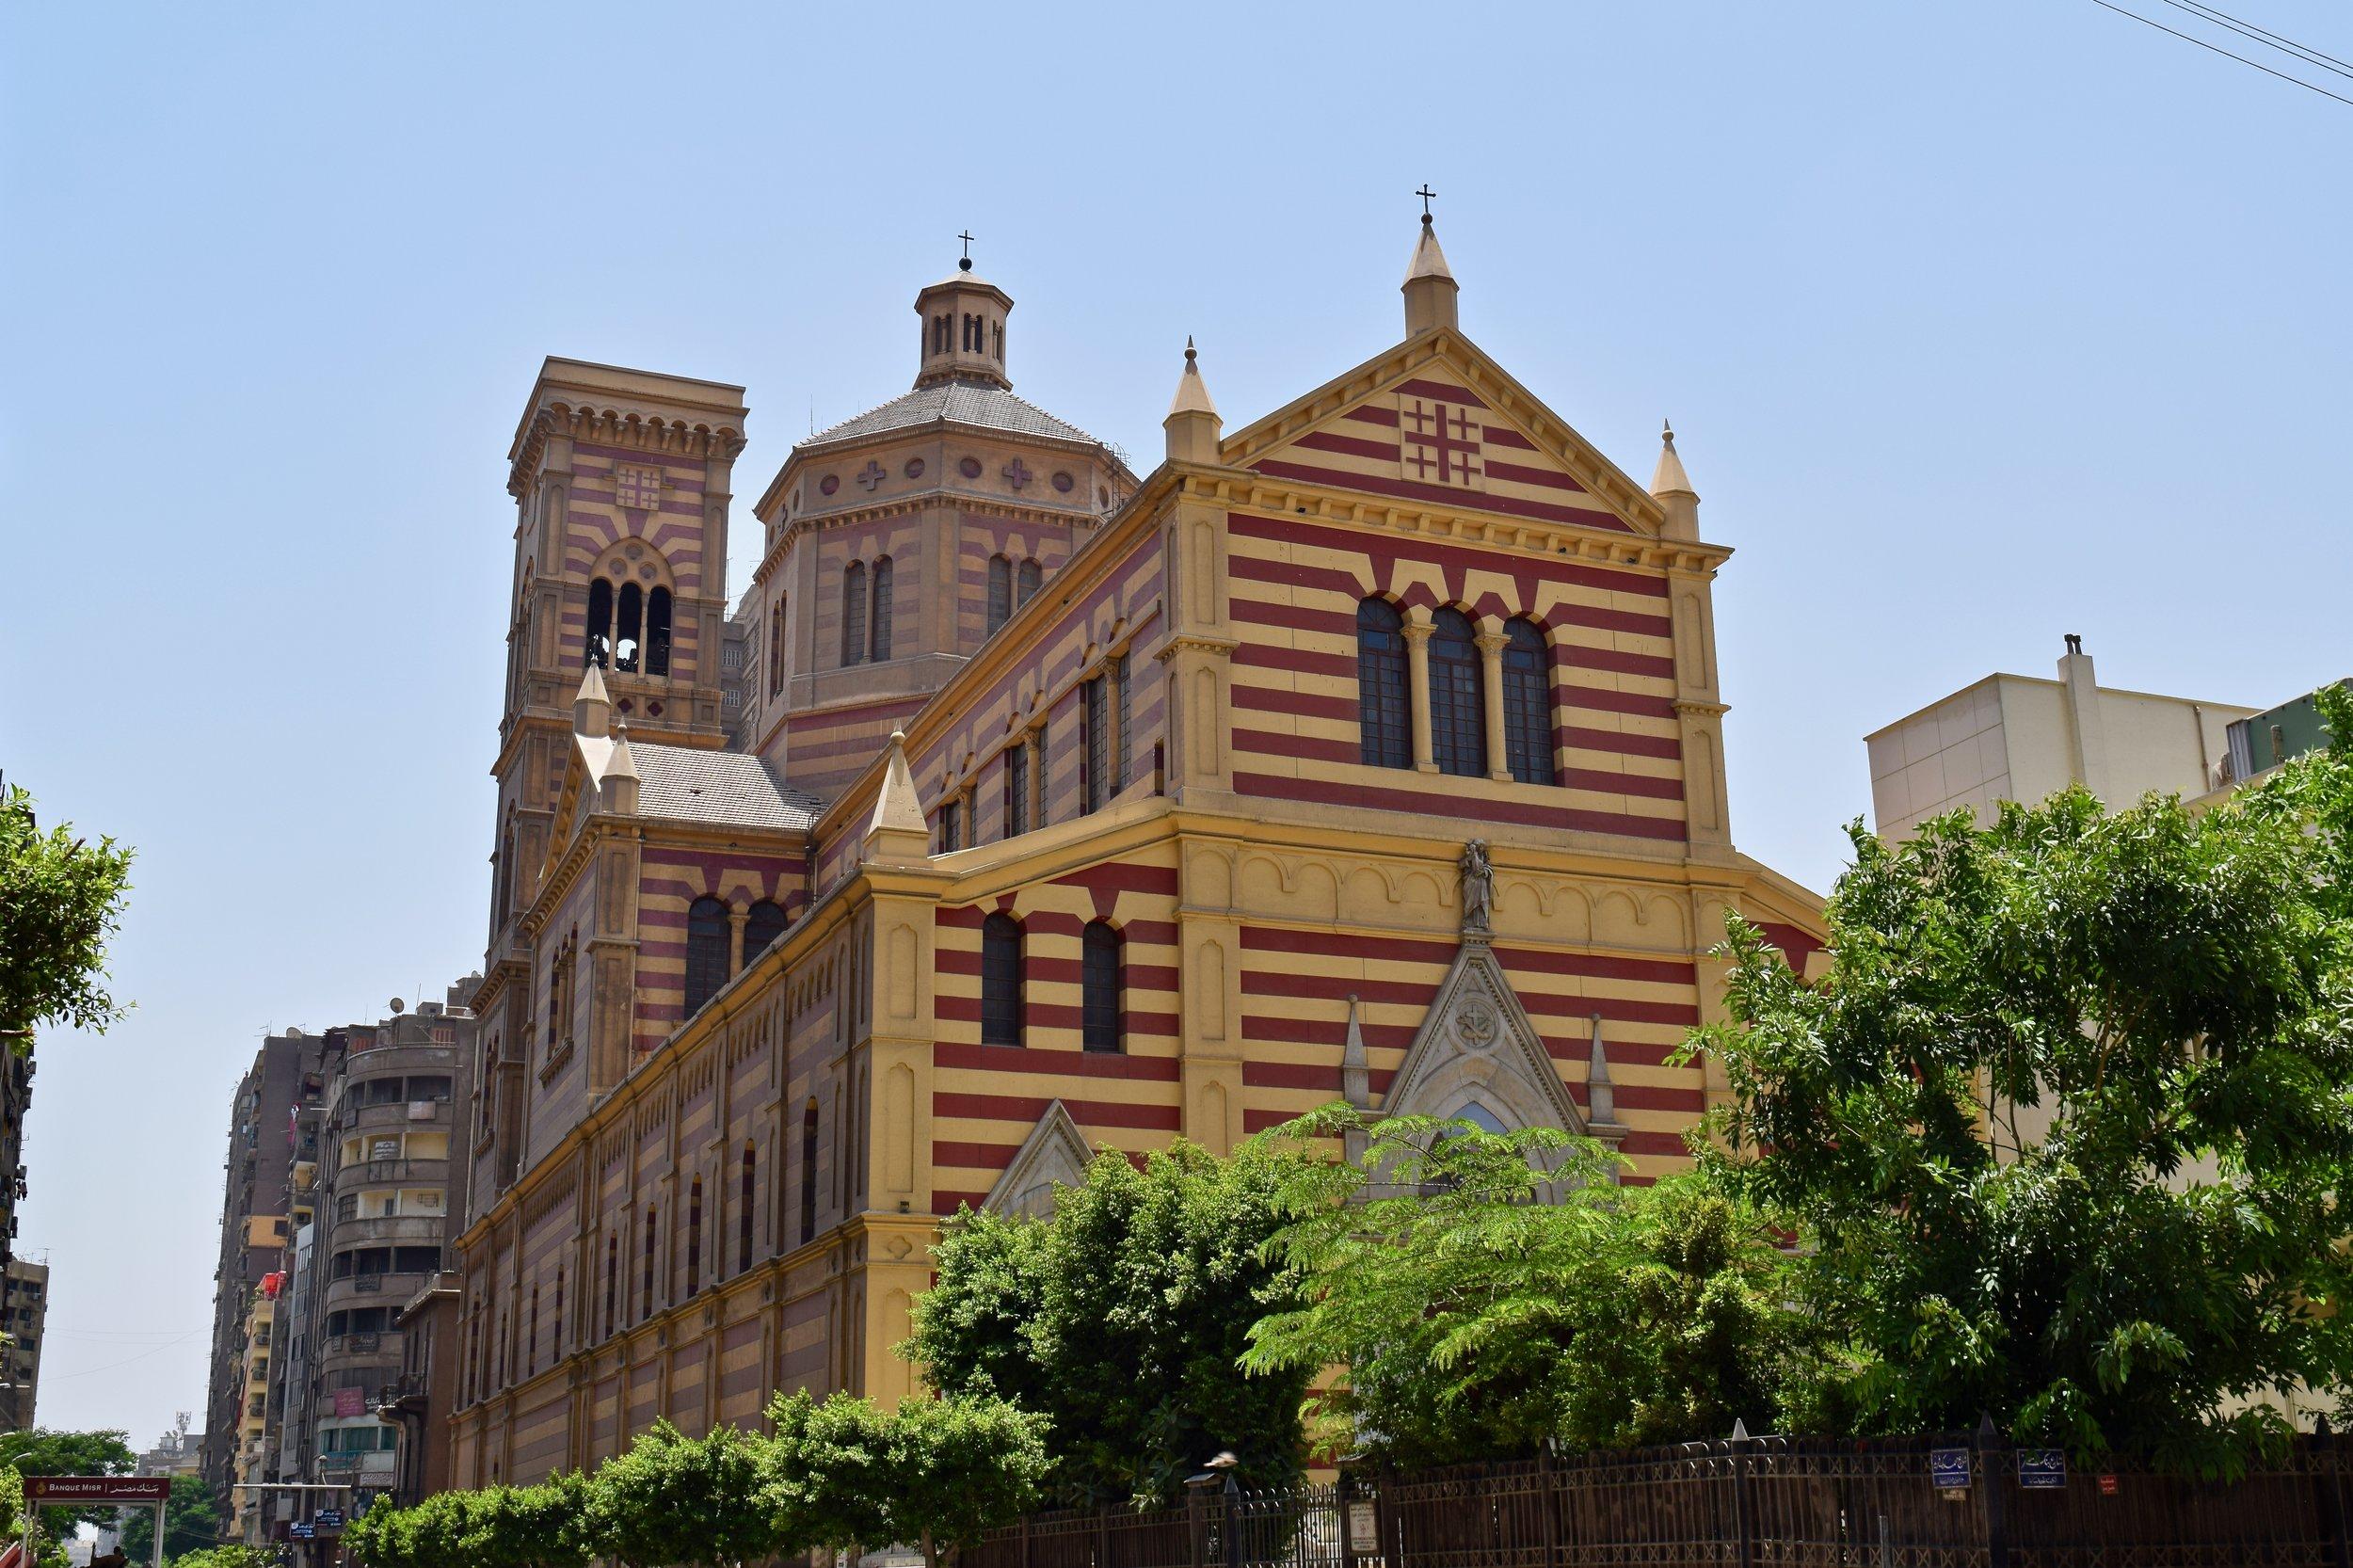 St. Joseph Catholic Cathedral